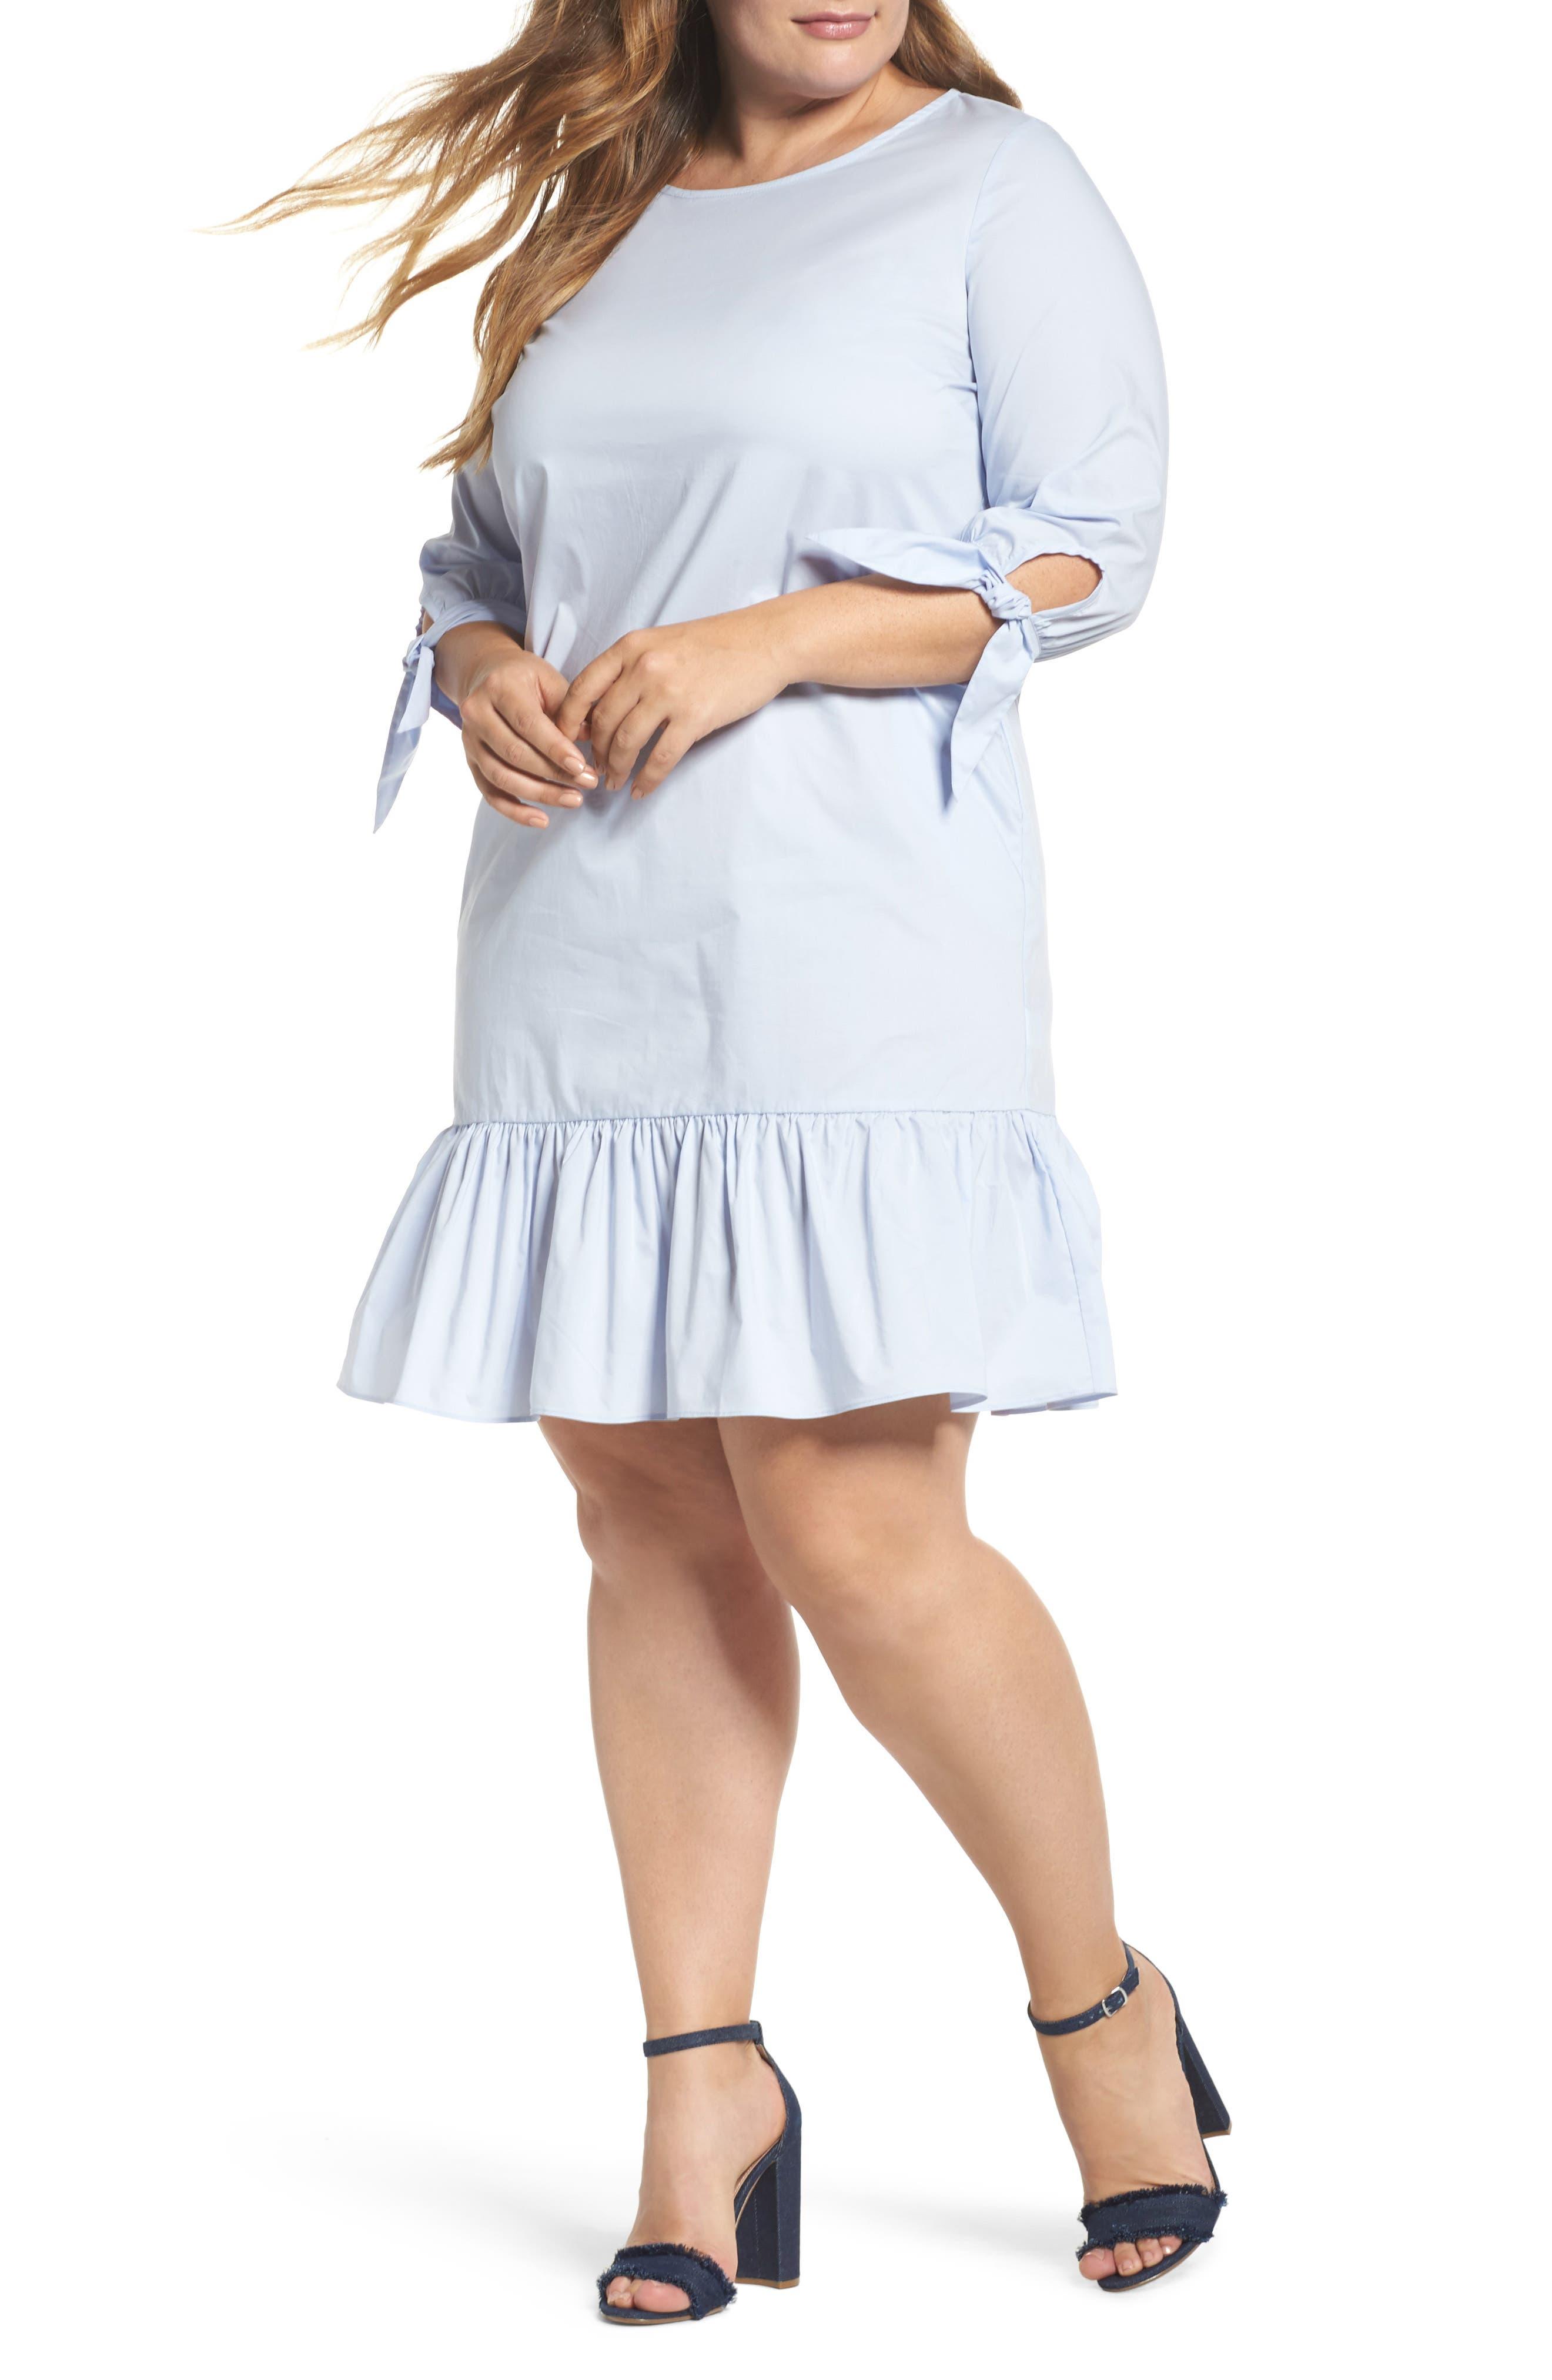 Main Image - Glamorous Ruffle Tie Sleeve Dress (Plus Size)